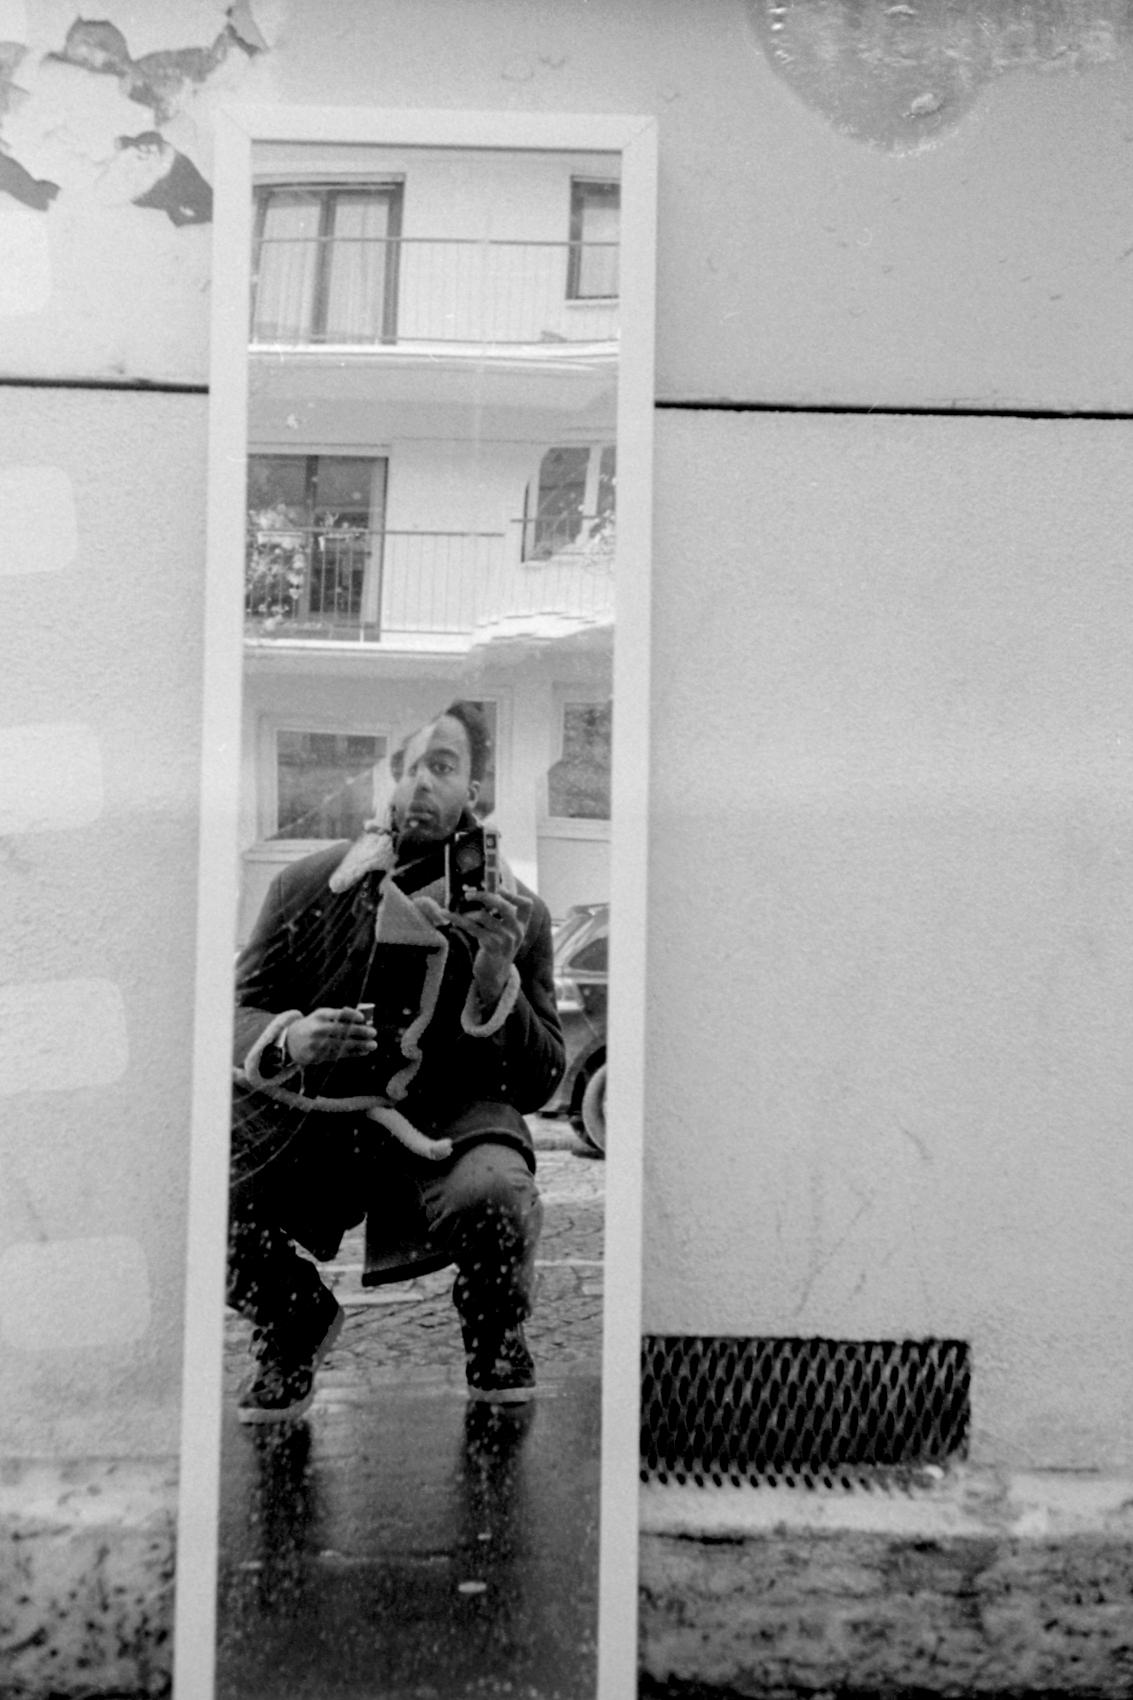 Photographer Alexandre Desane, Gachis Vision